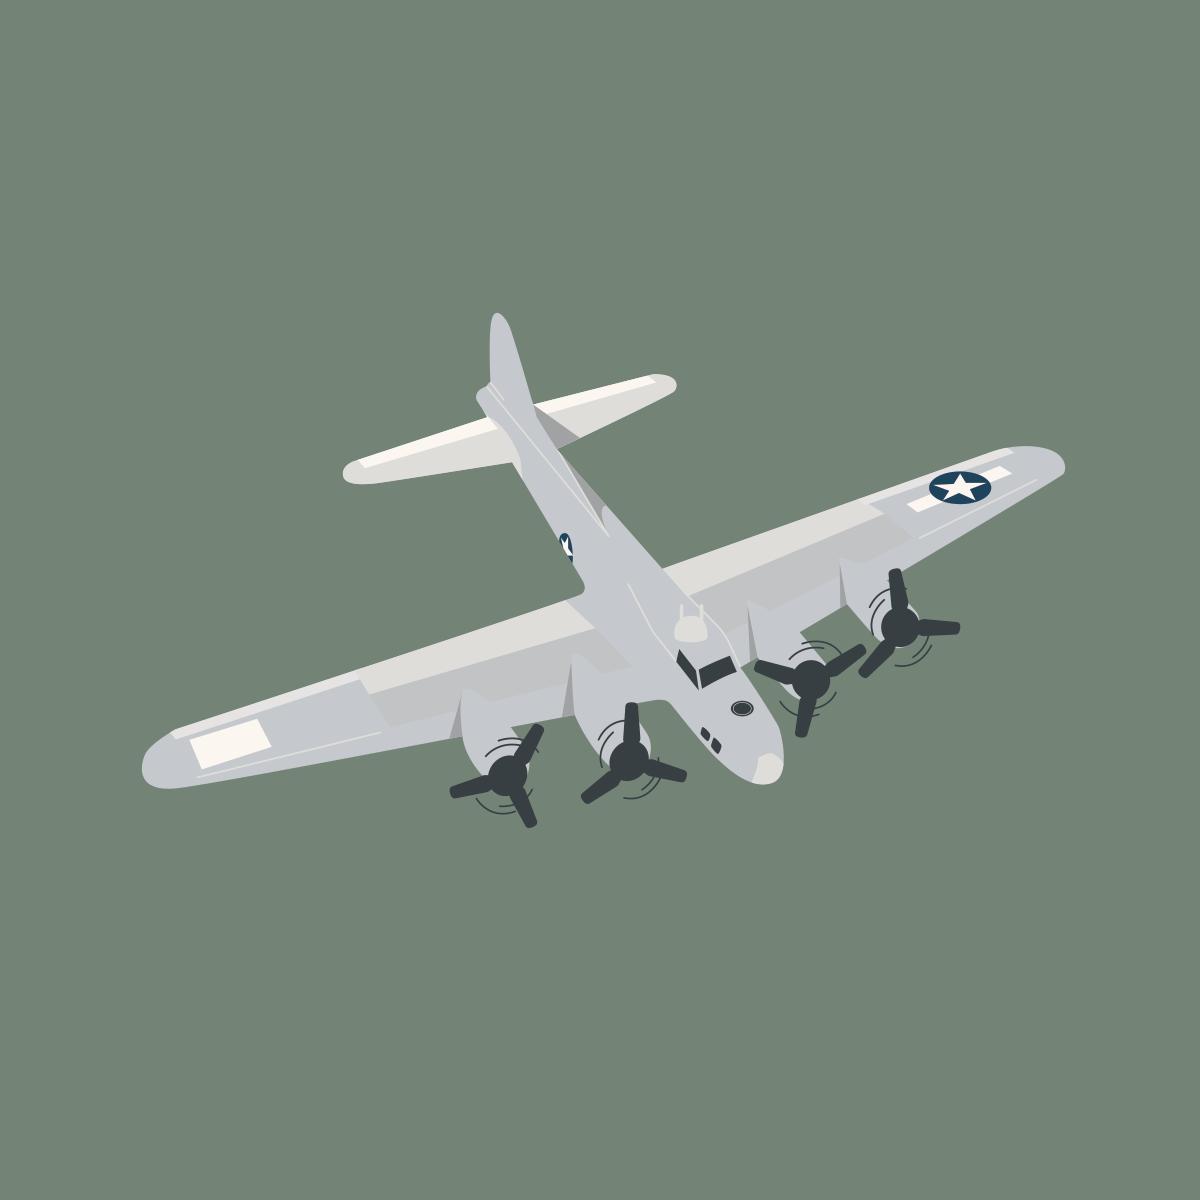 98 world war ii